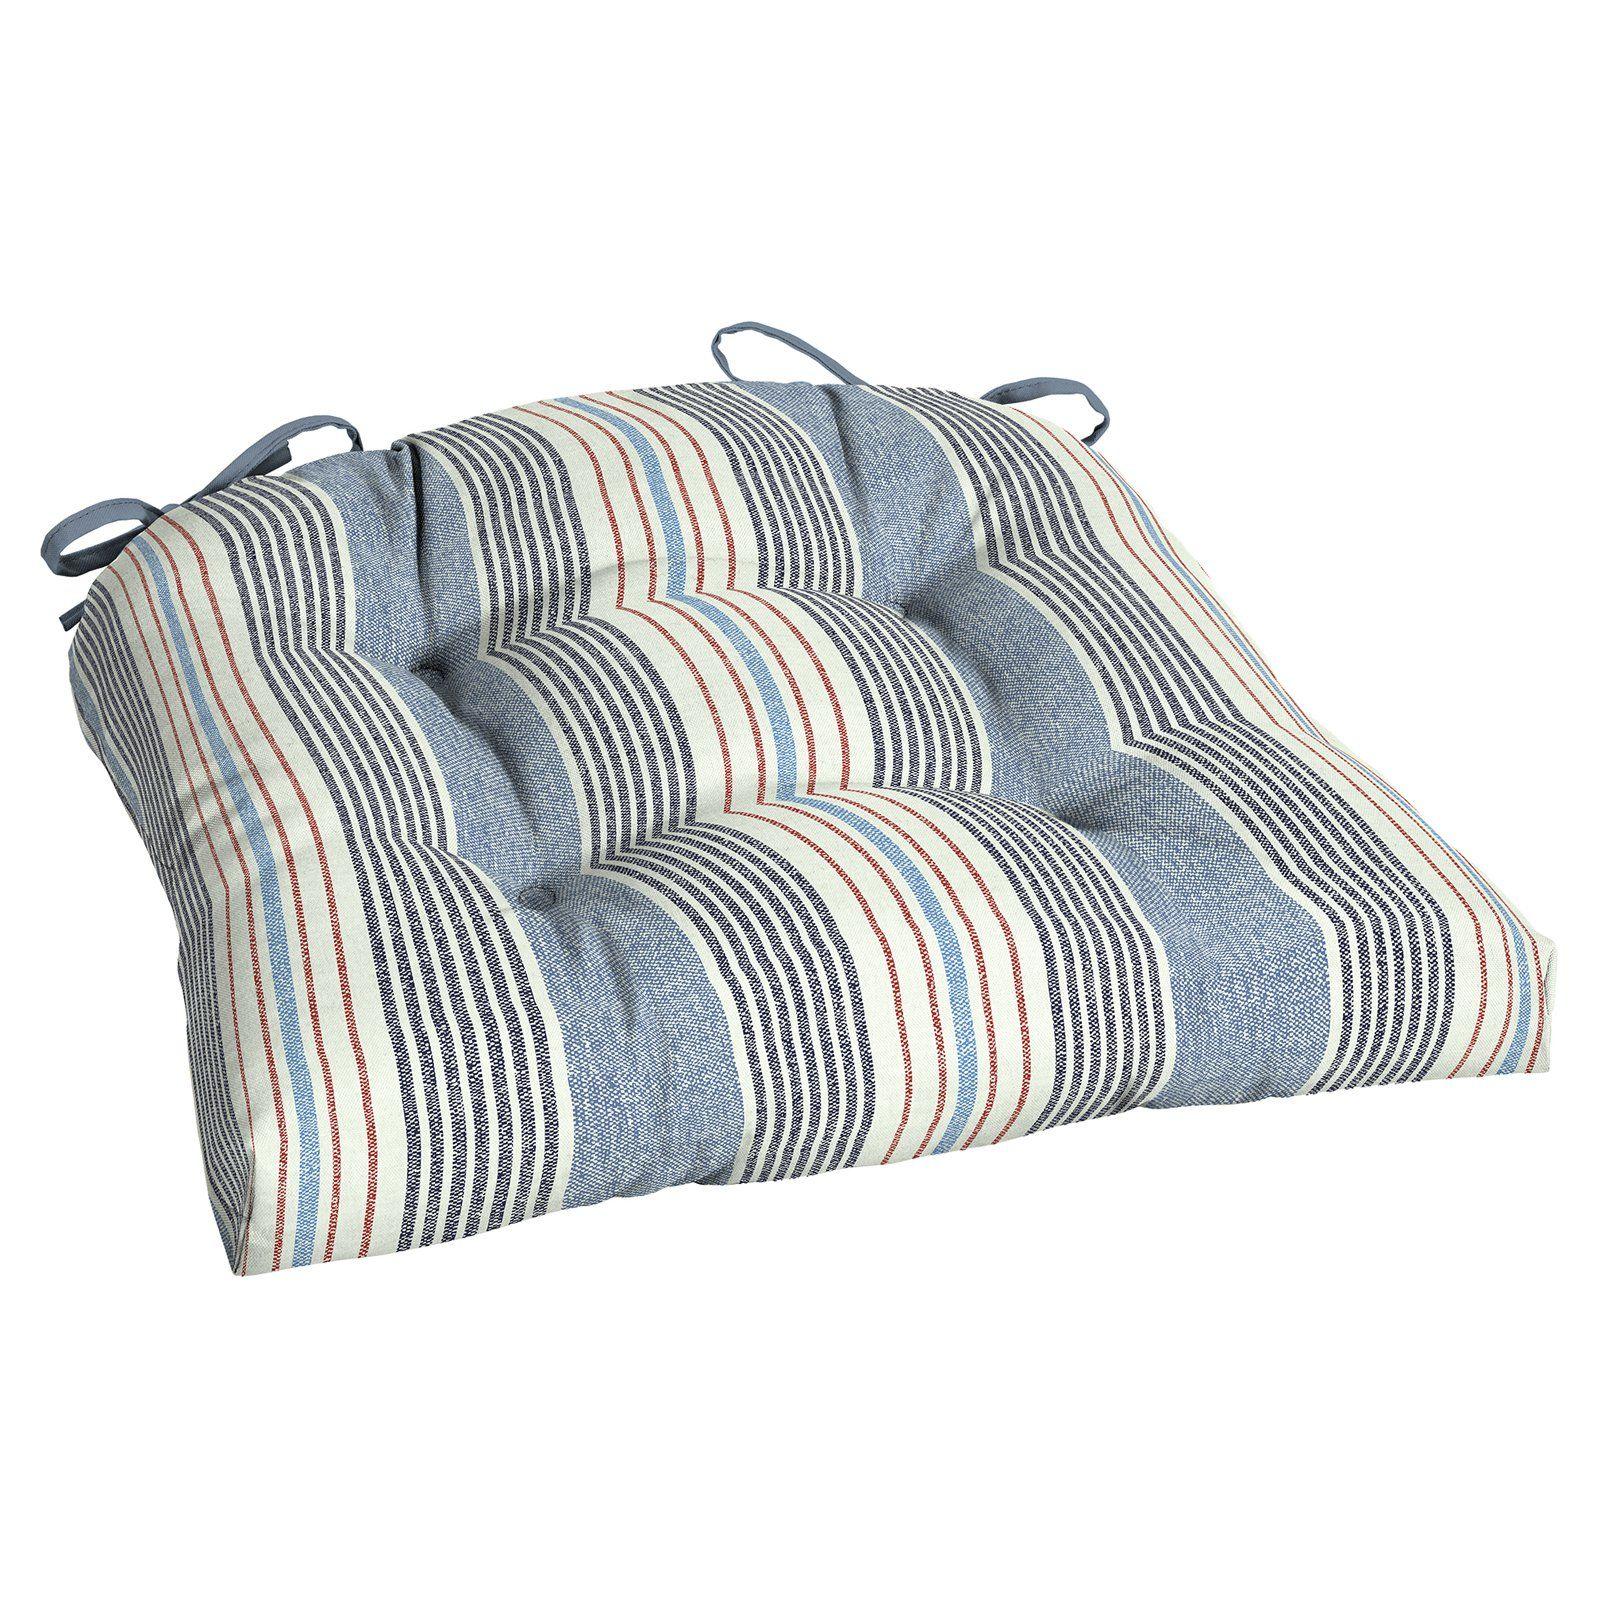 ae448d85d5cbd74f4dc91c51e41b6115 - Better Homes And Gardens Tufted Wicker Settee Cushion